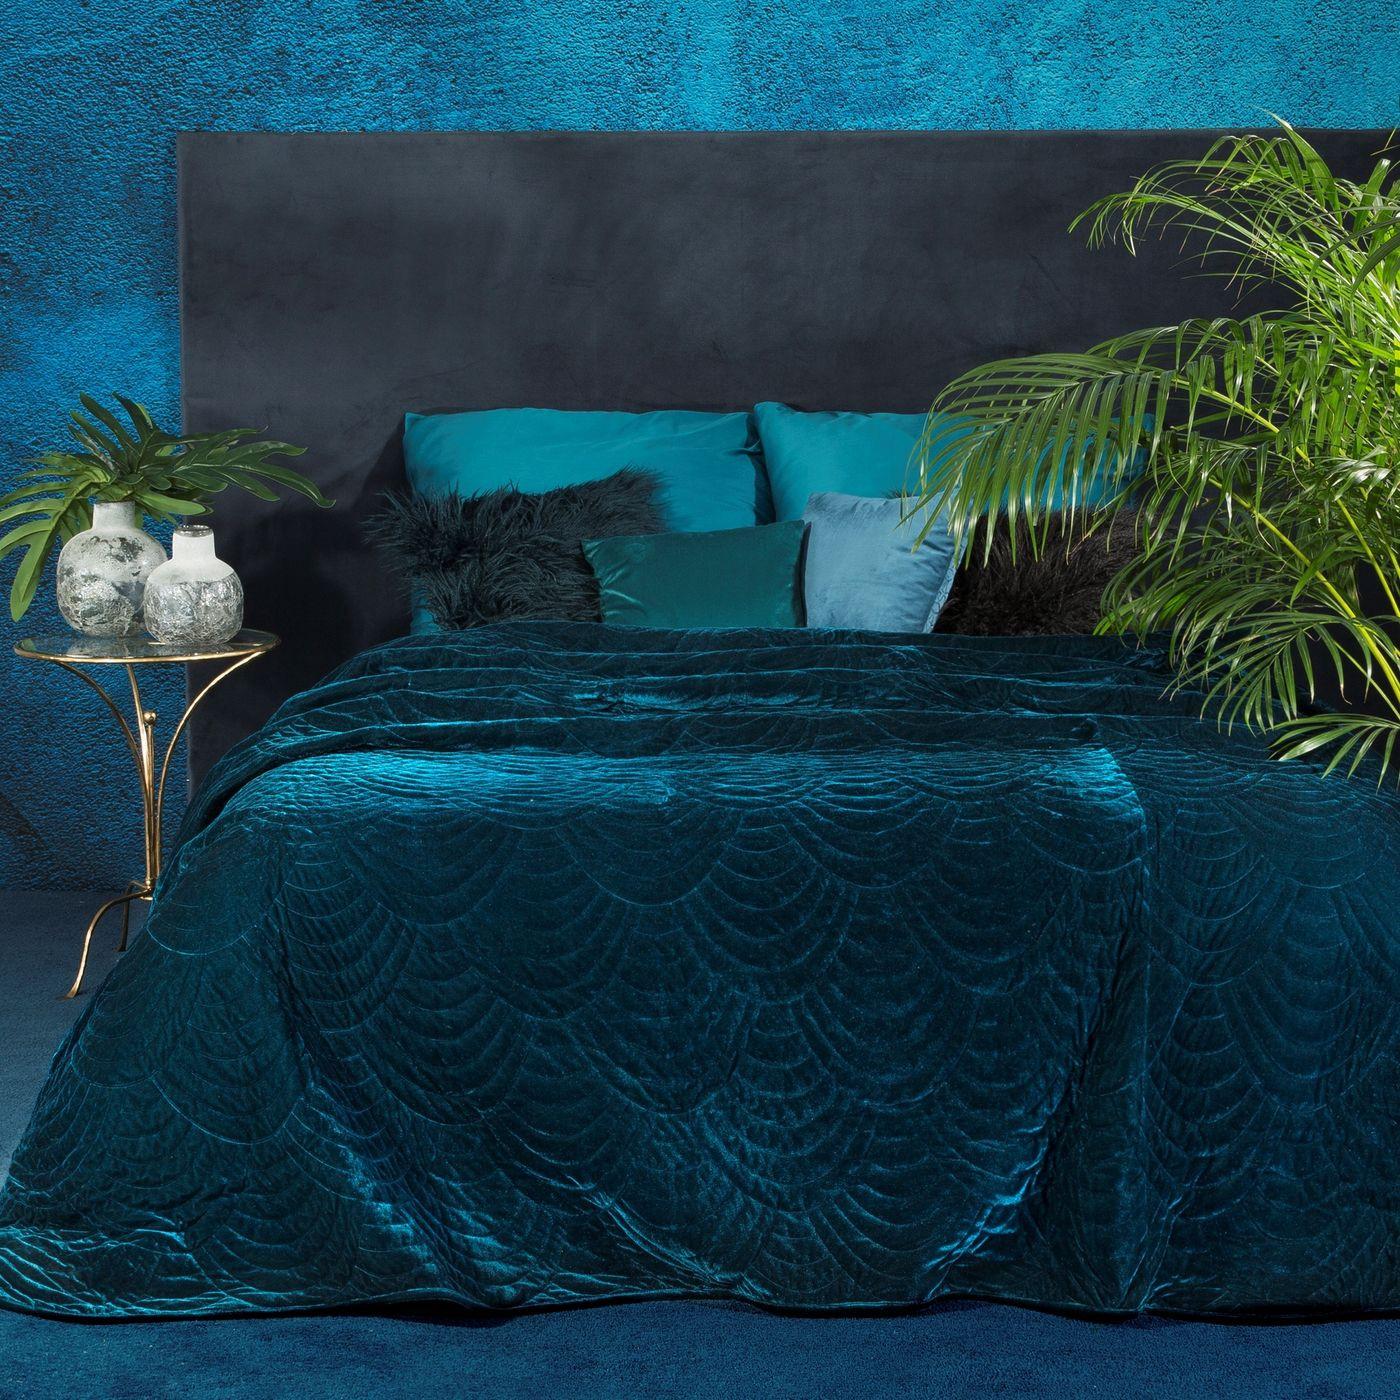 Ekskluzywna narzuta do sypialni pikowana - mój wybór Eva Minge - turkus 220x240 cm cm